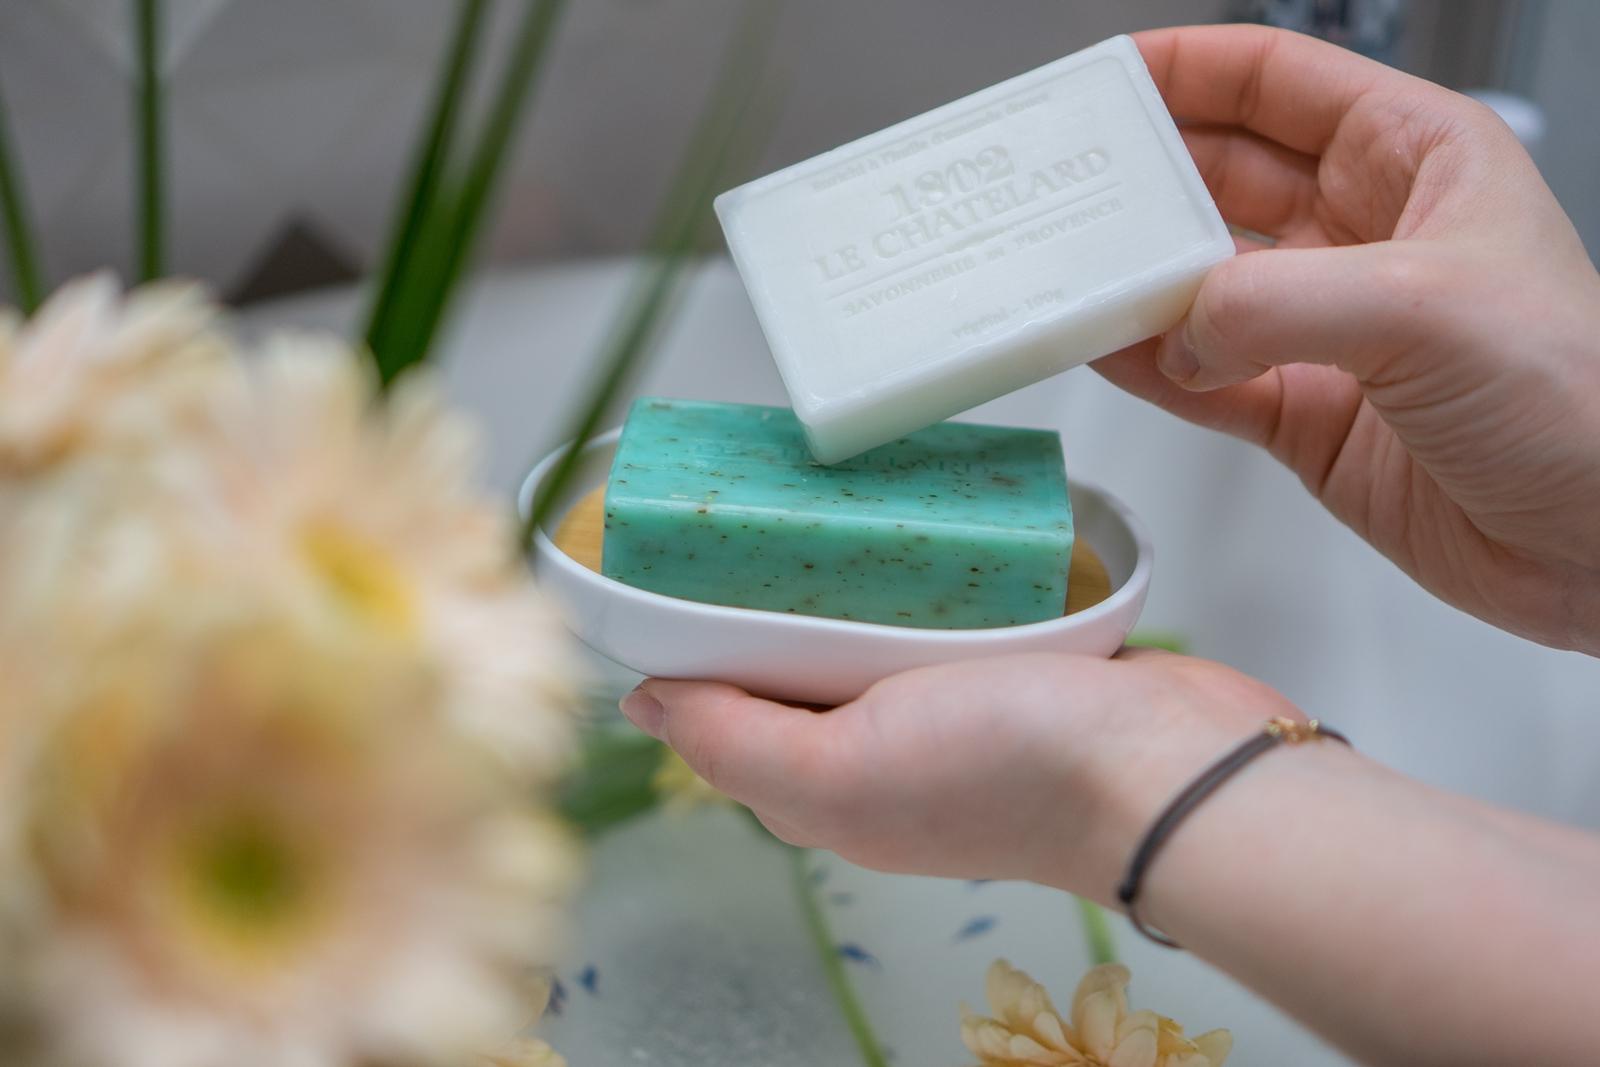 1 naturalne mydła jakie najlepsze mydło dla alergików mydła na trądzik tanie mydła marsylskie z aleppo co to jest mydło naturalne jakich składników unikać w mydle mydło w płynie czy mydło w kostce